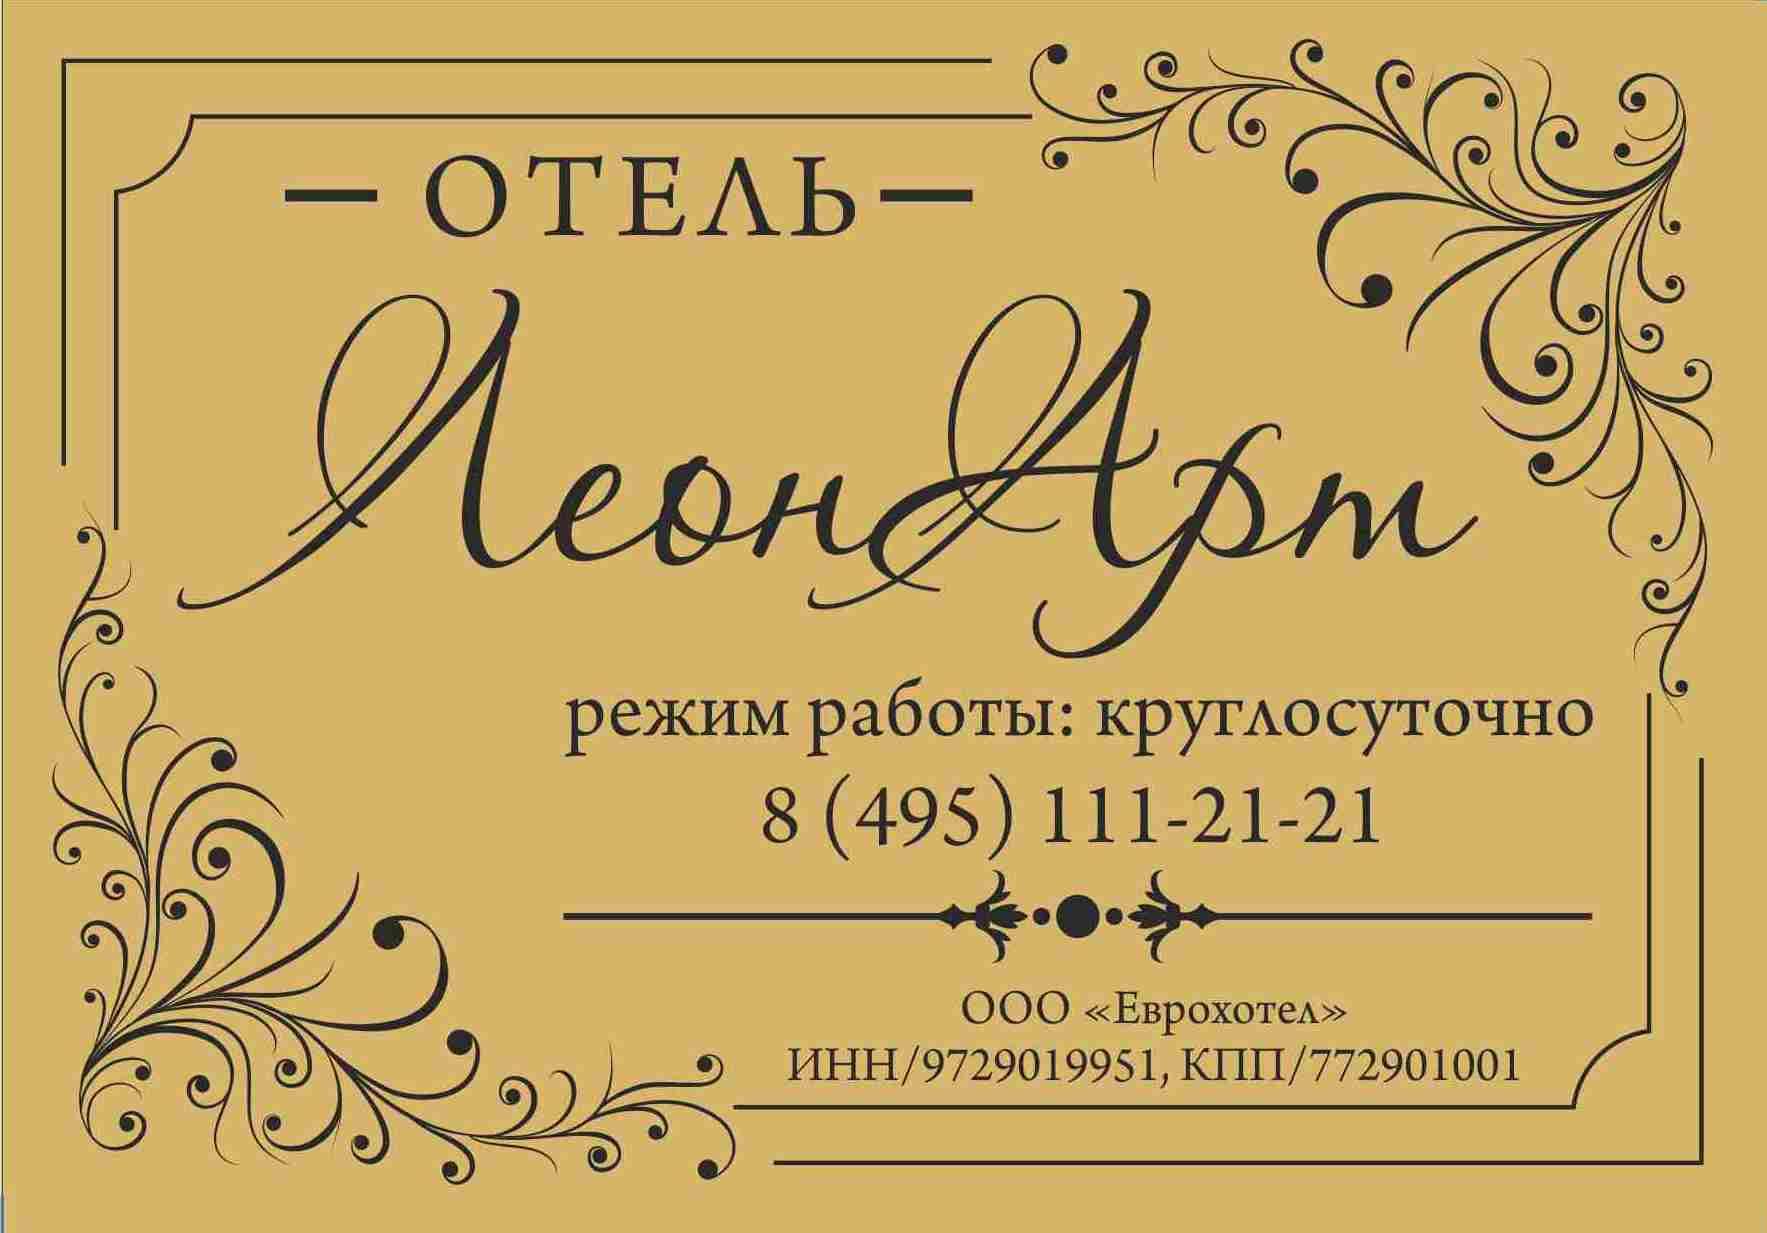 Работа в компании «Отель Леонарт» в Москвы